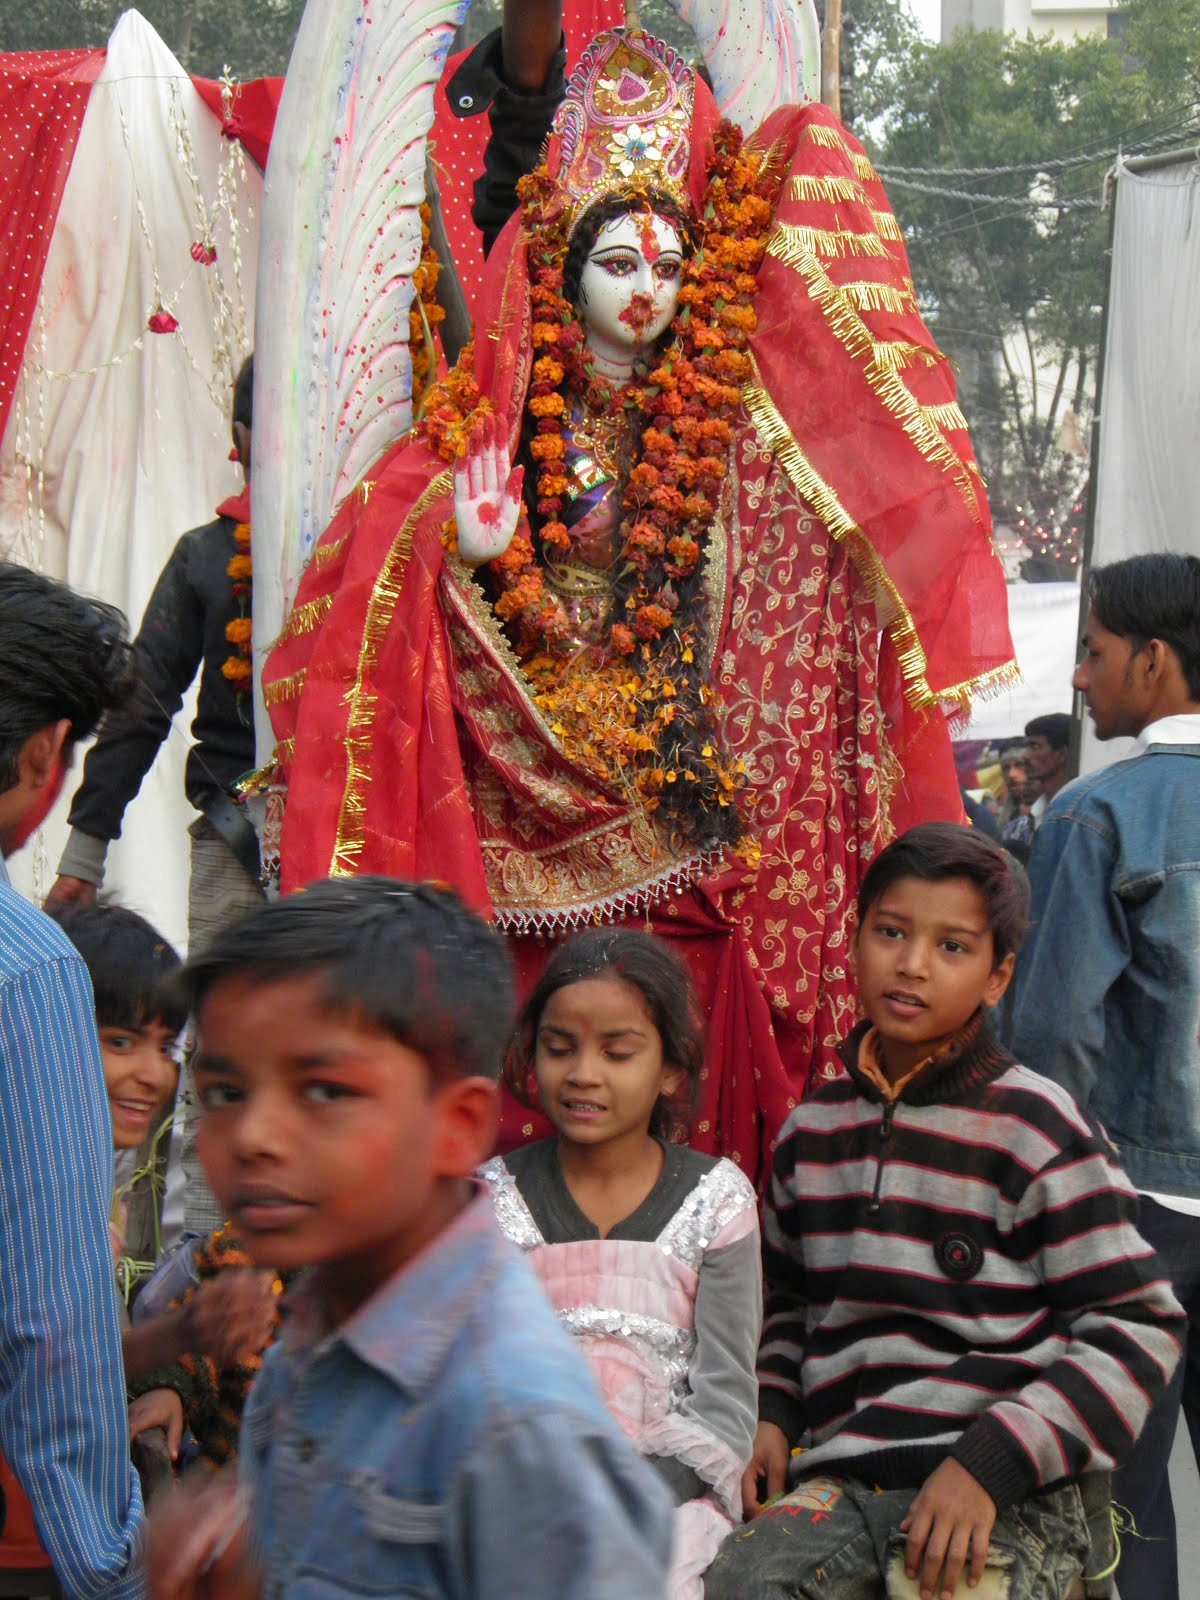 india saraswati shrines saraswati puja